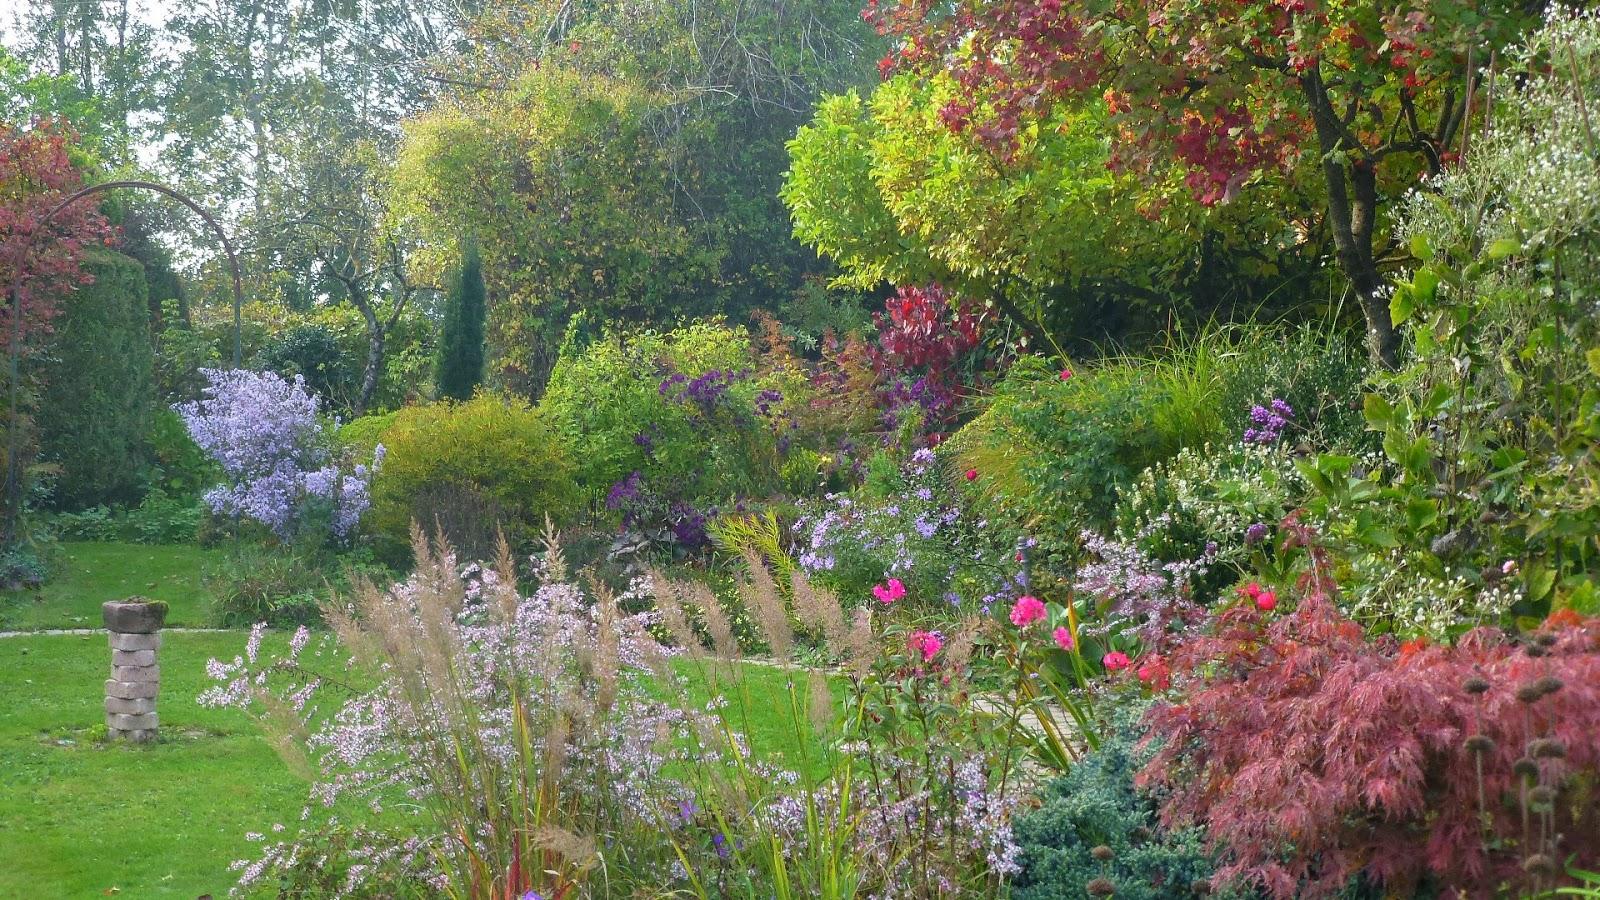 Plan jardin anglais fabulous historique with plan jardin for Image de jardin anglais